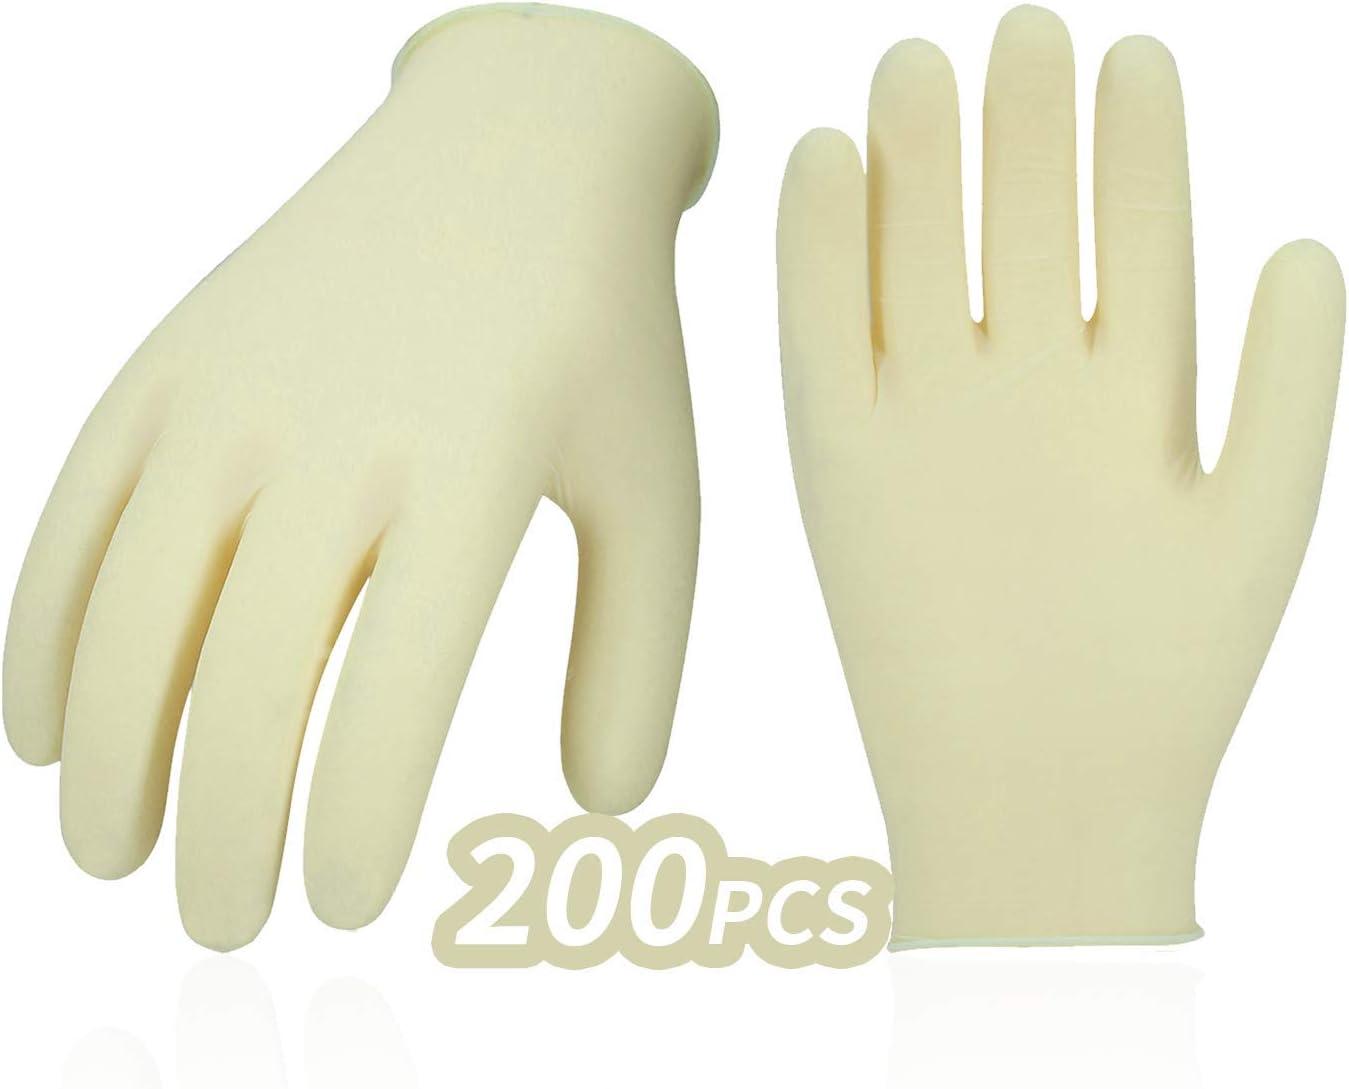 Vgo 200PCS Einweghandschuhe aus industriellem Latex pulverisiert Nicht steril strukturiert gut f/ür Lackier- und Endbearbeitungsarbeiten Gr/ö/ße L, Wei/ß, RB0001